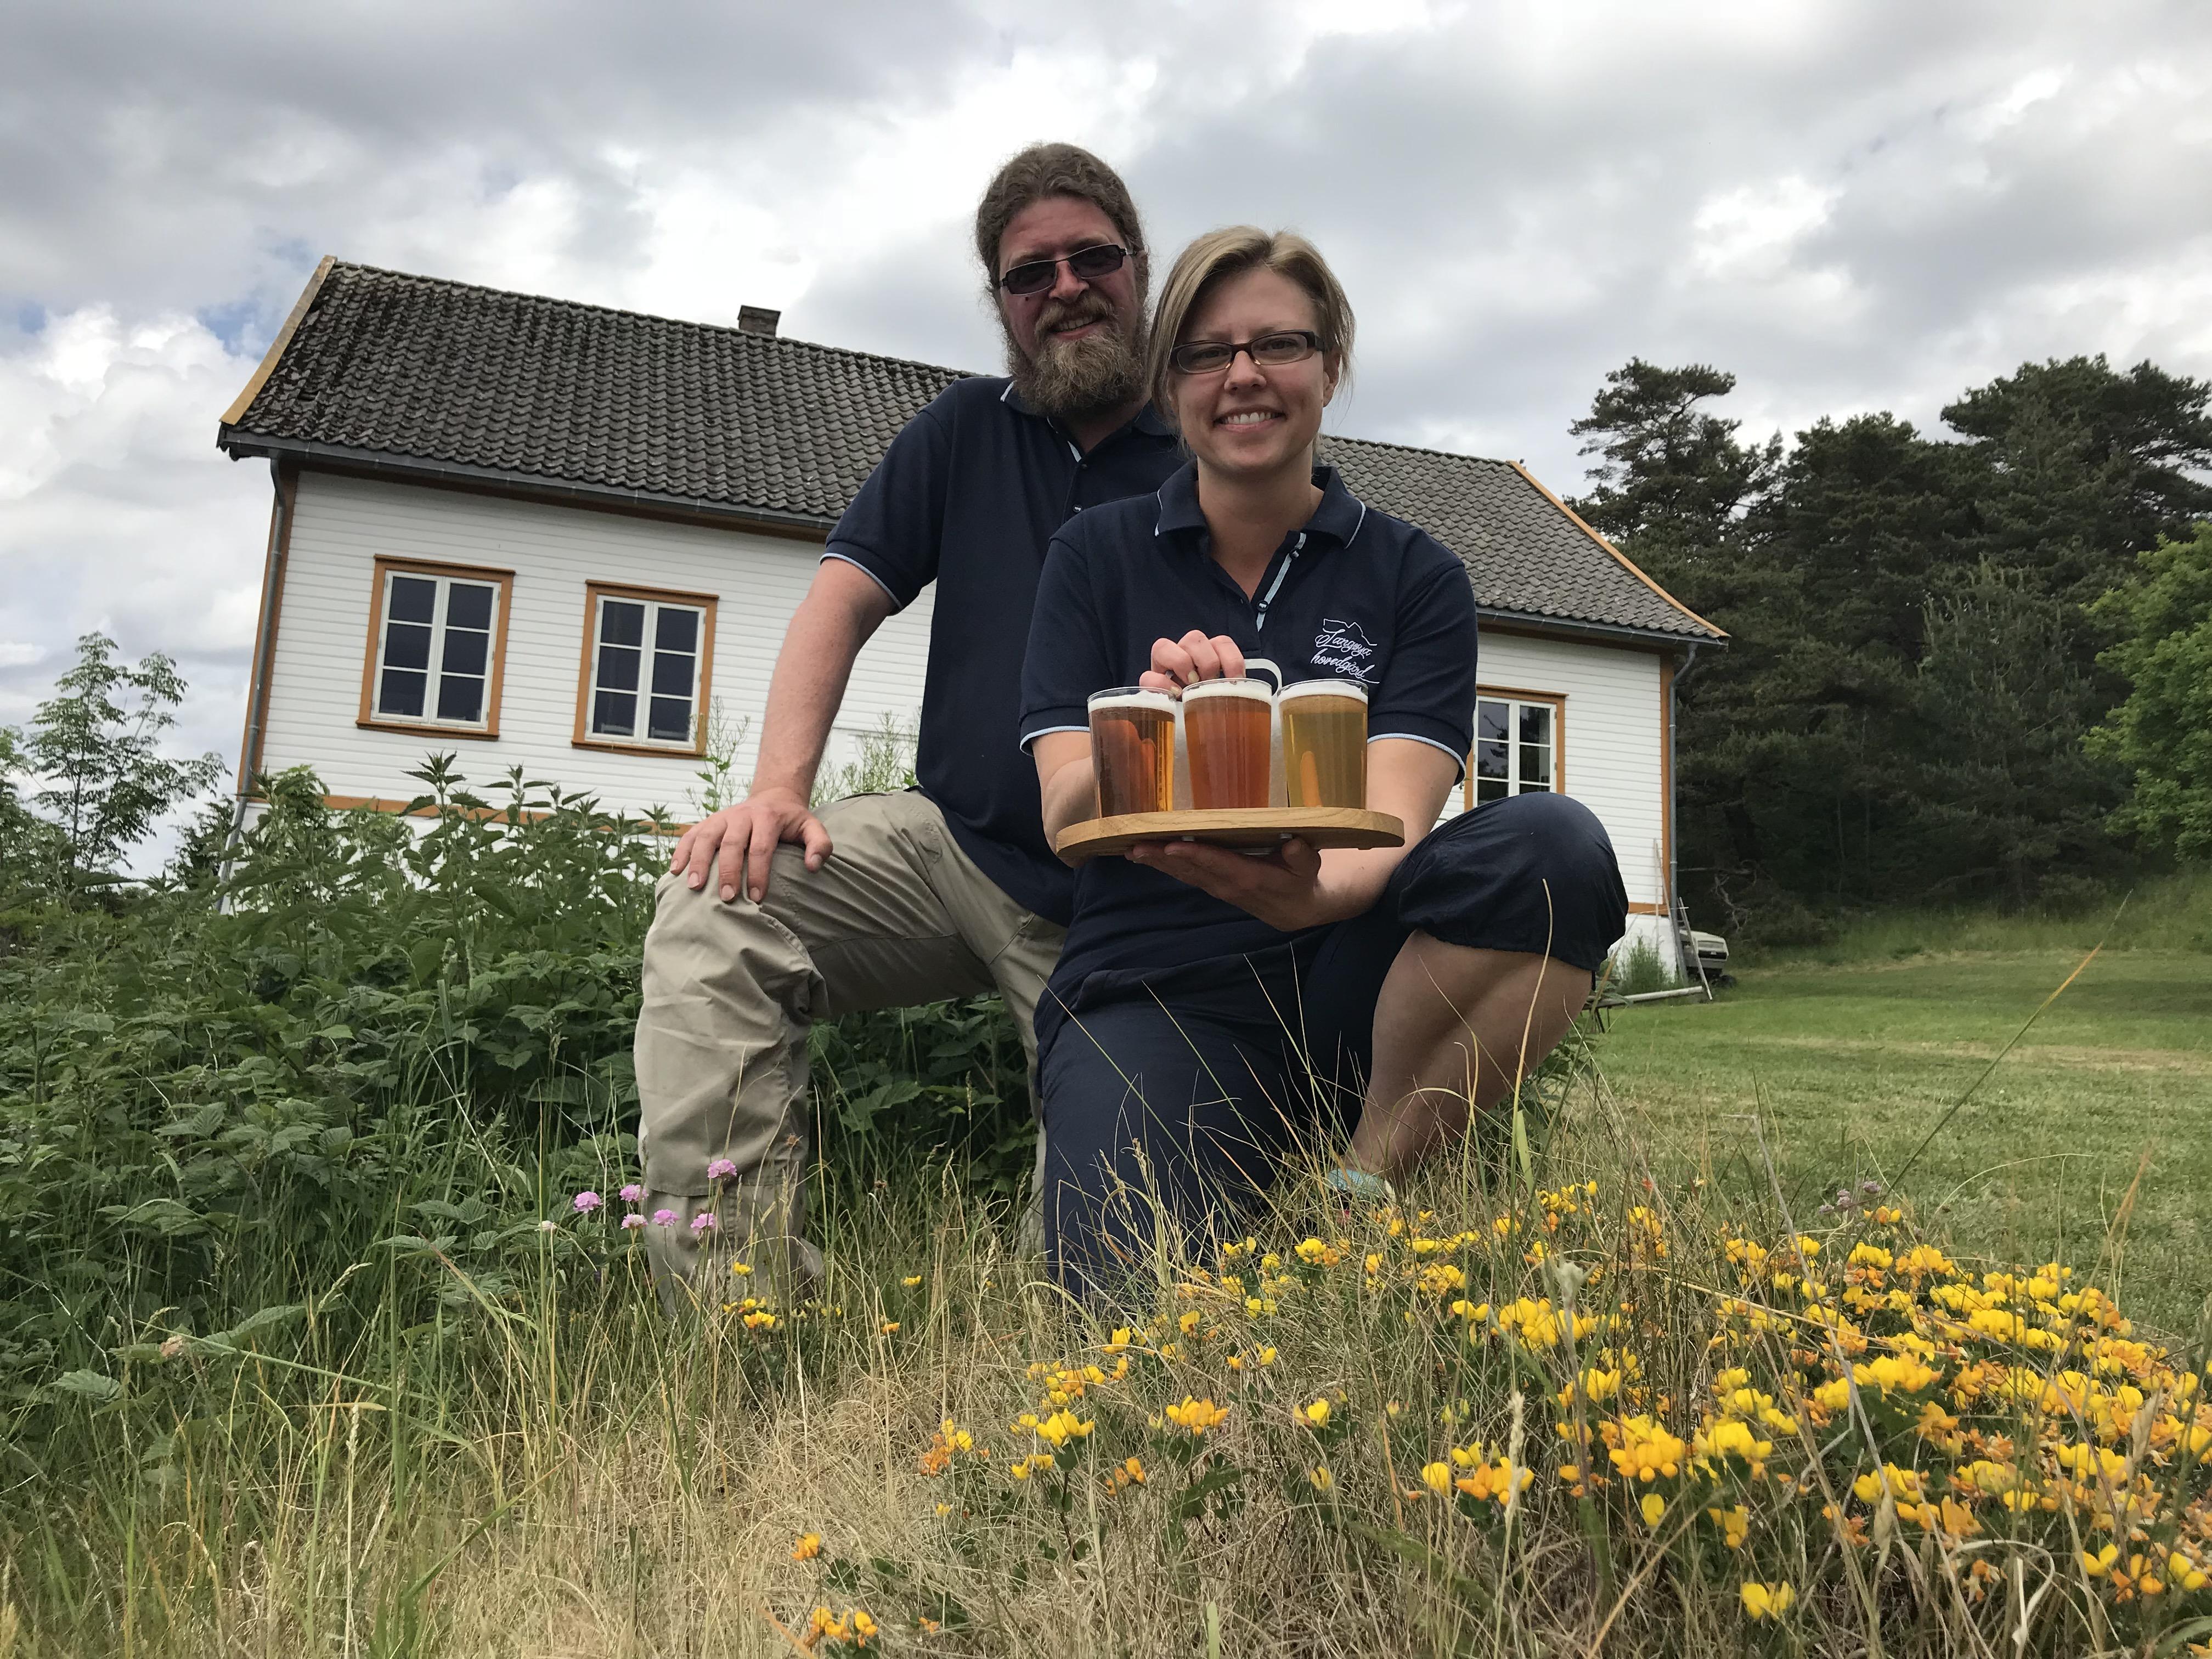 Vertskapet Vigdis Saga Kjørholt og Tom Erik Økland ønsker deg hjertelig velkommen på Langøya hovedgården i sommer